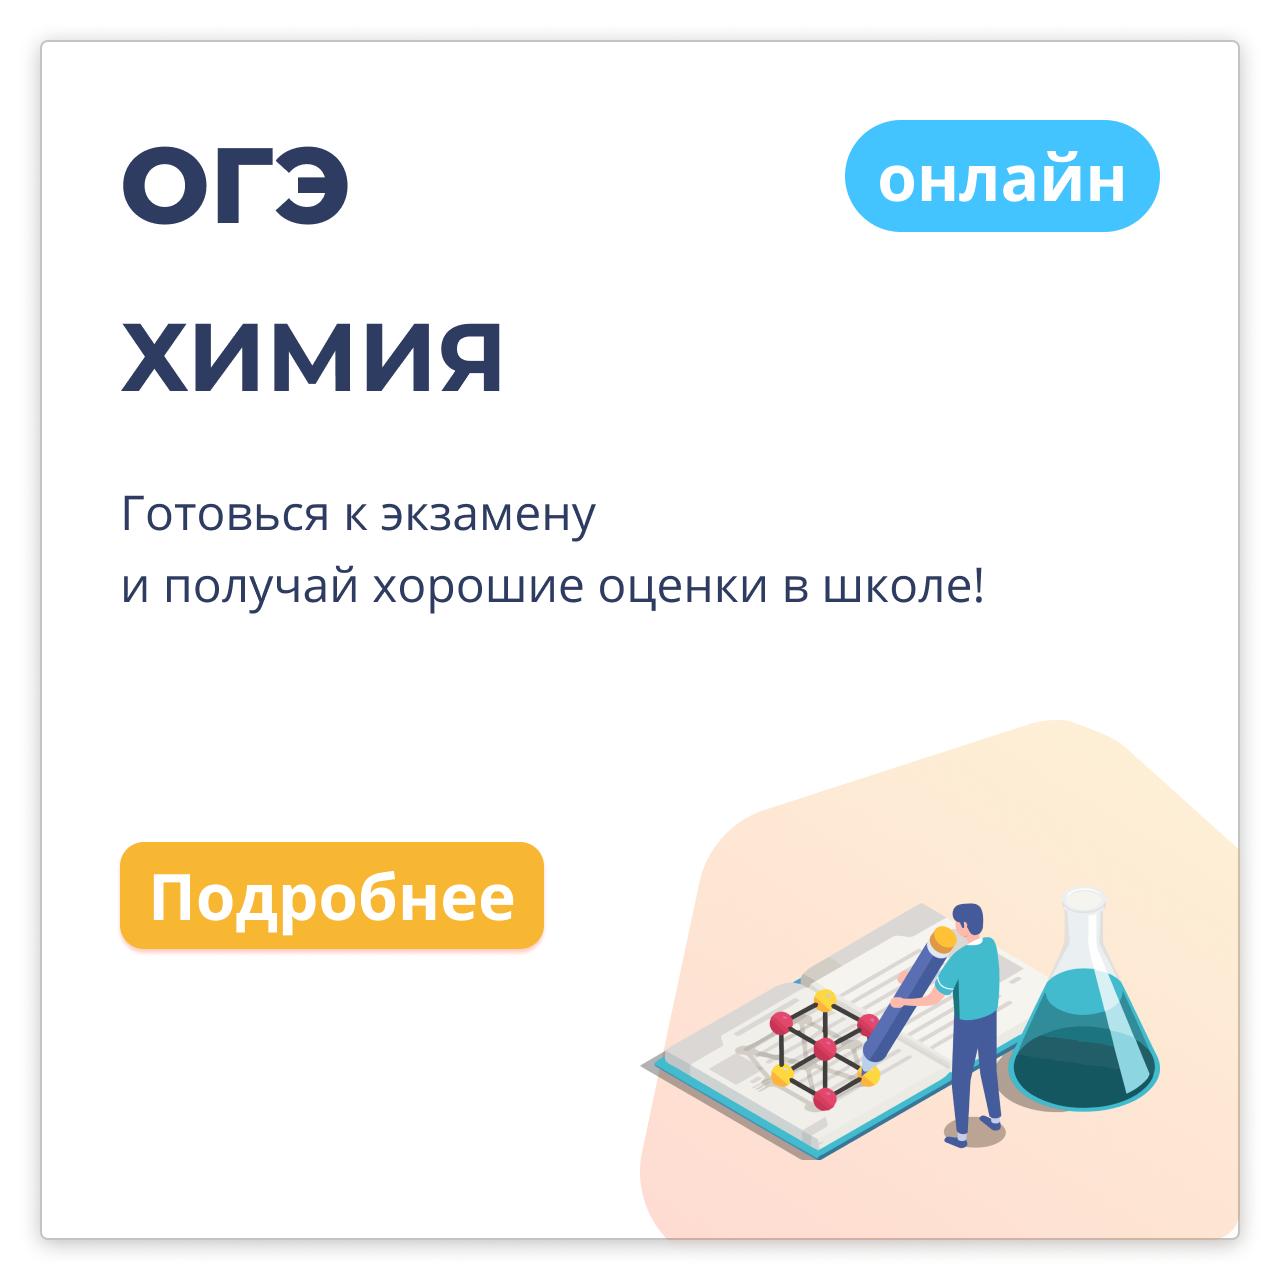 Химия ОГЭ Онлайн группа